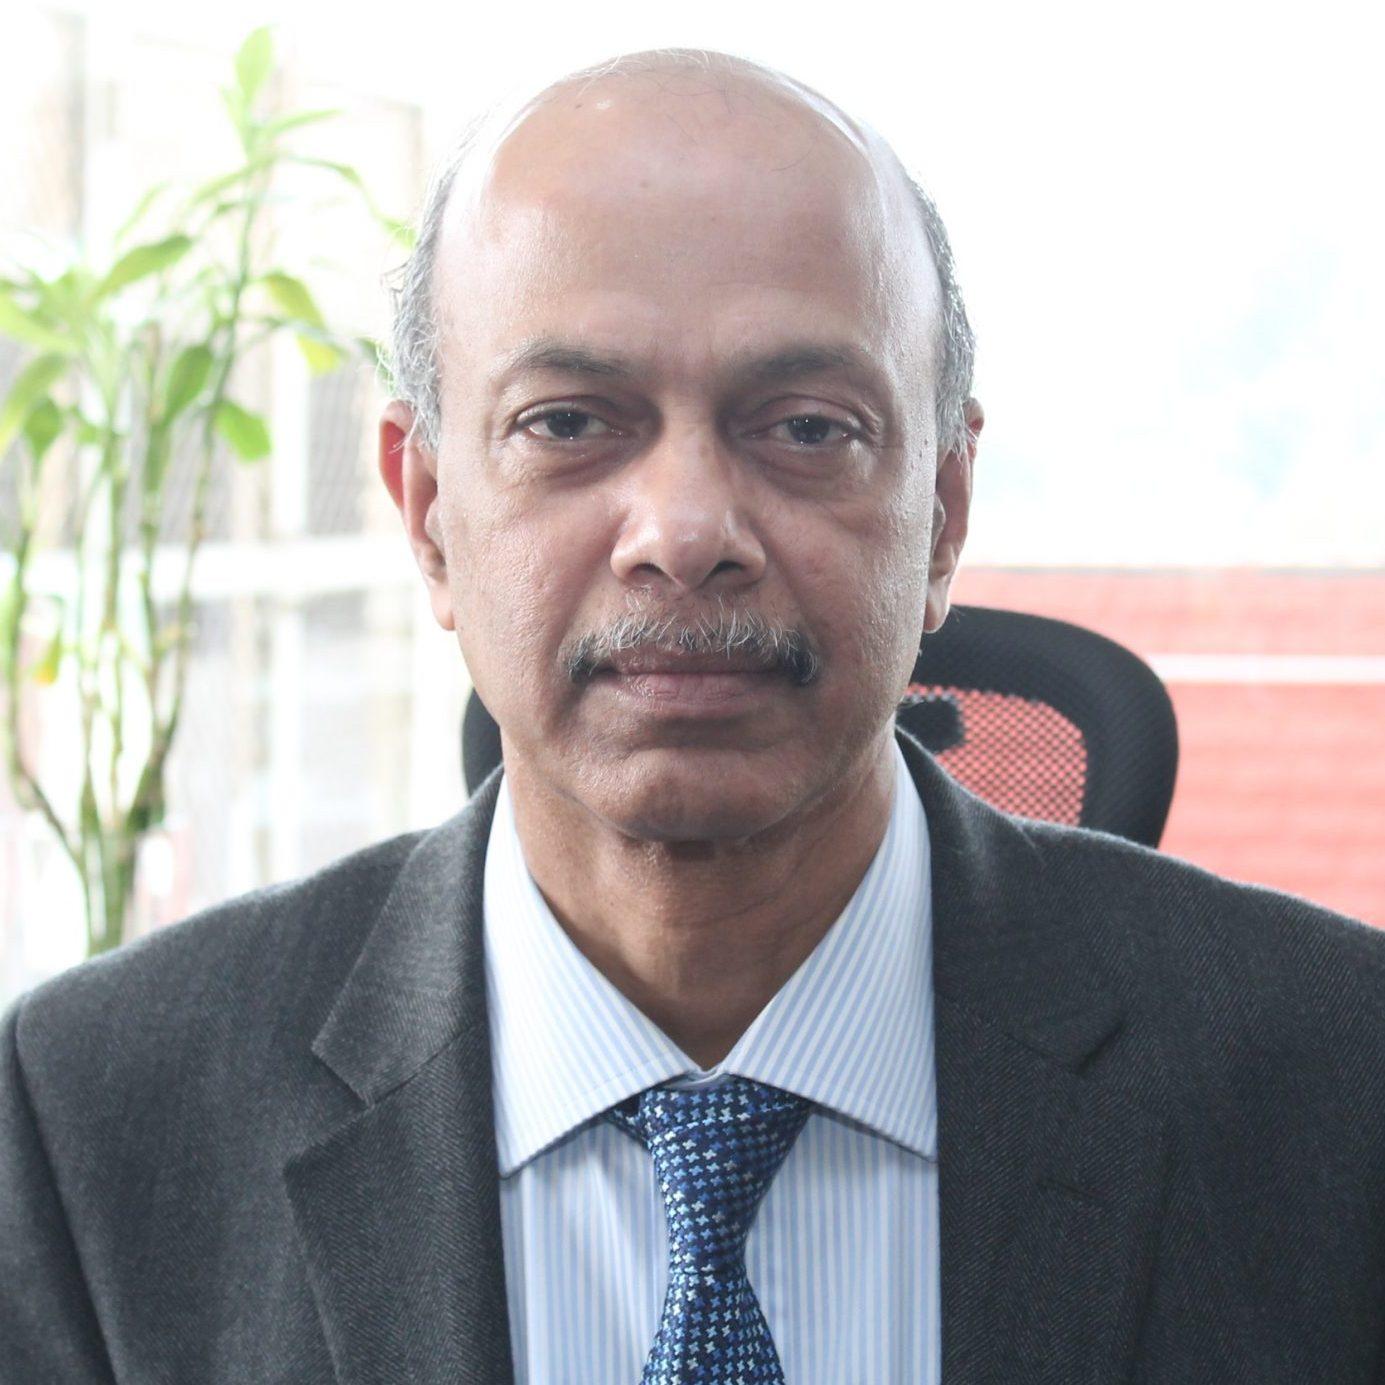 P.K. Pujari